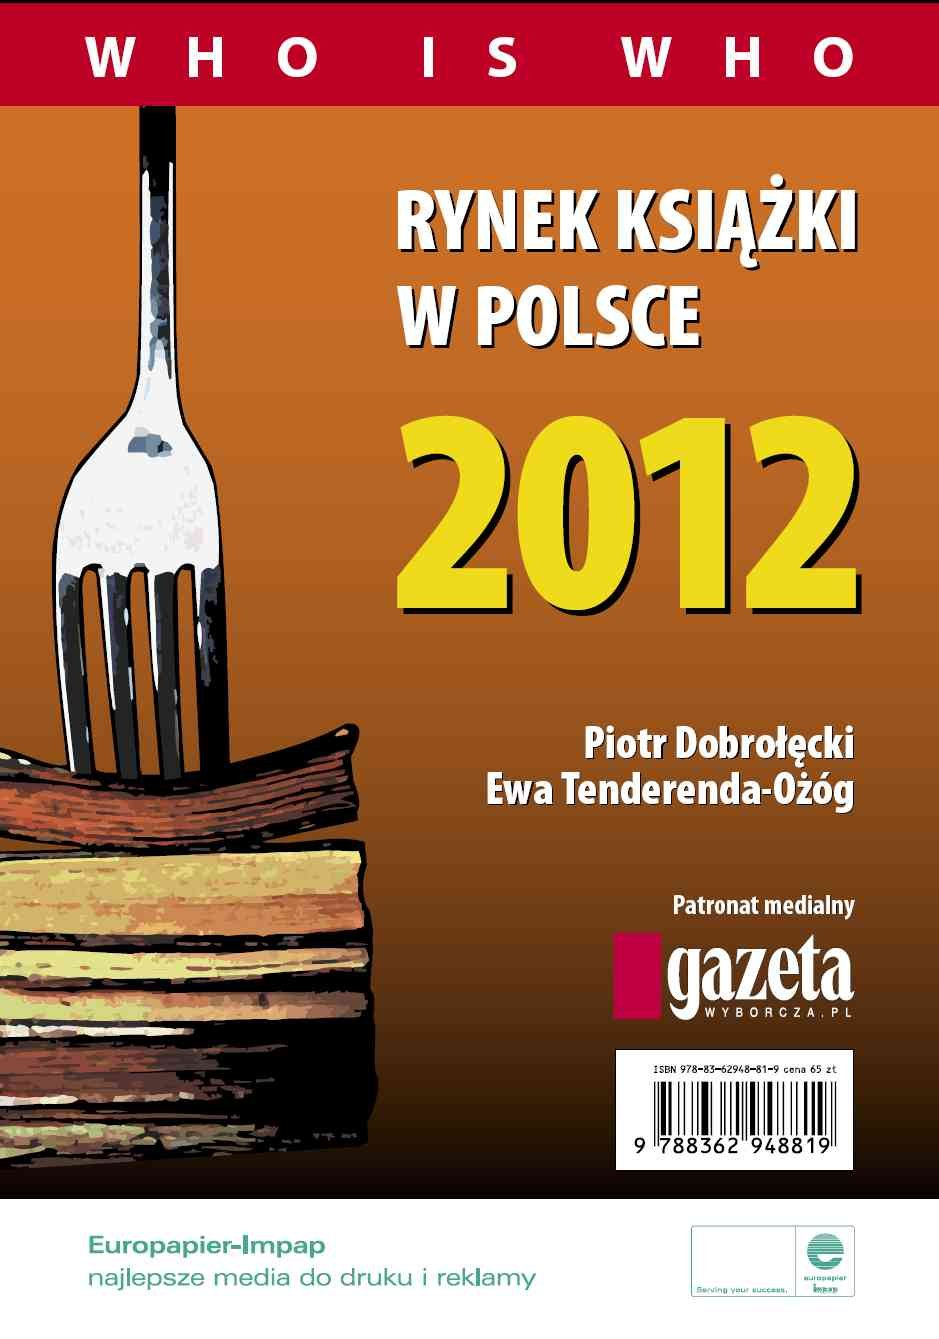 Rynek książki w Polsce 2012. Who is who - Ebook (Książka PDF) do pobrania w formacie PDF